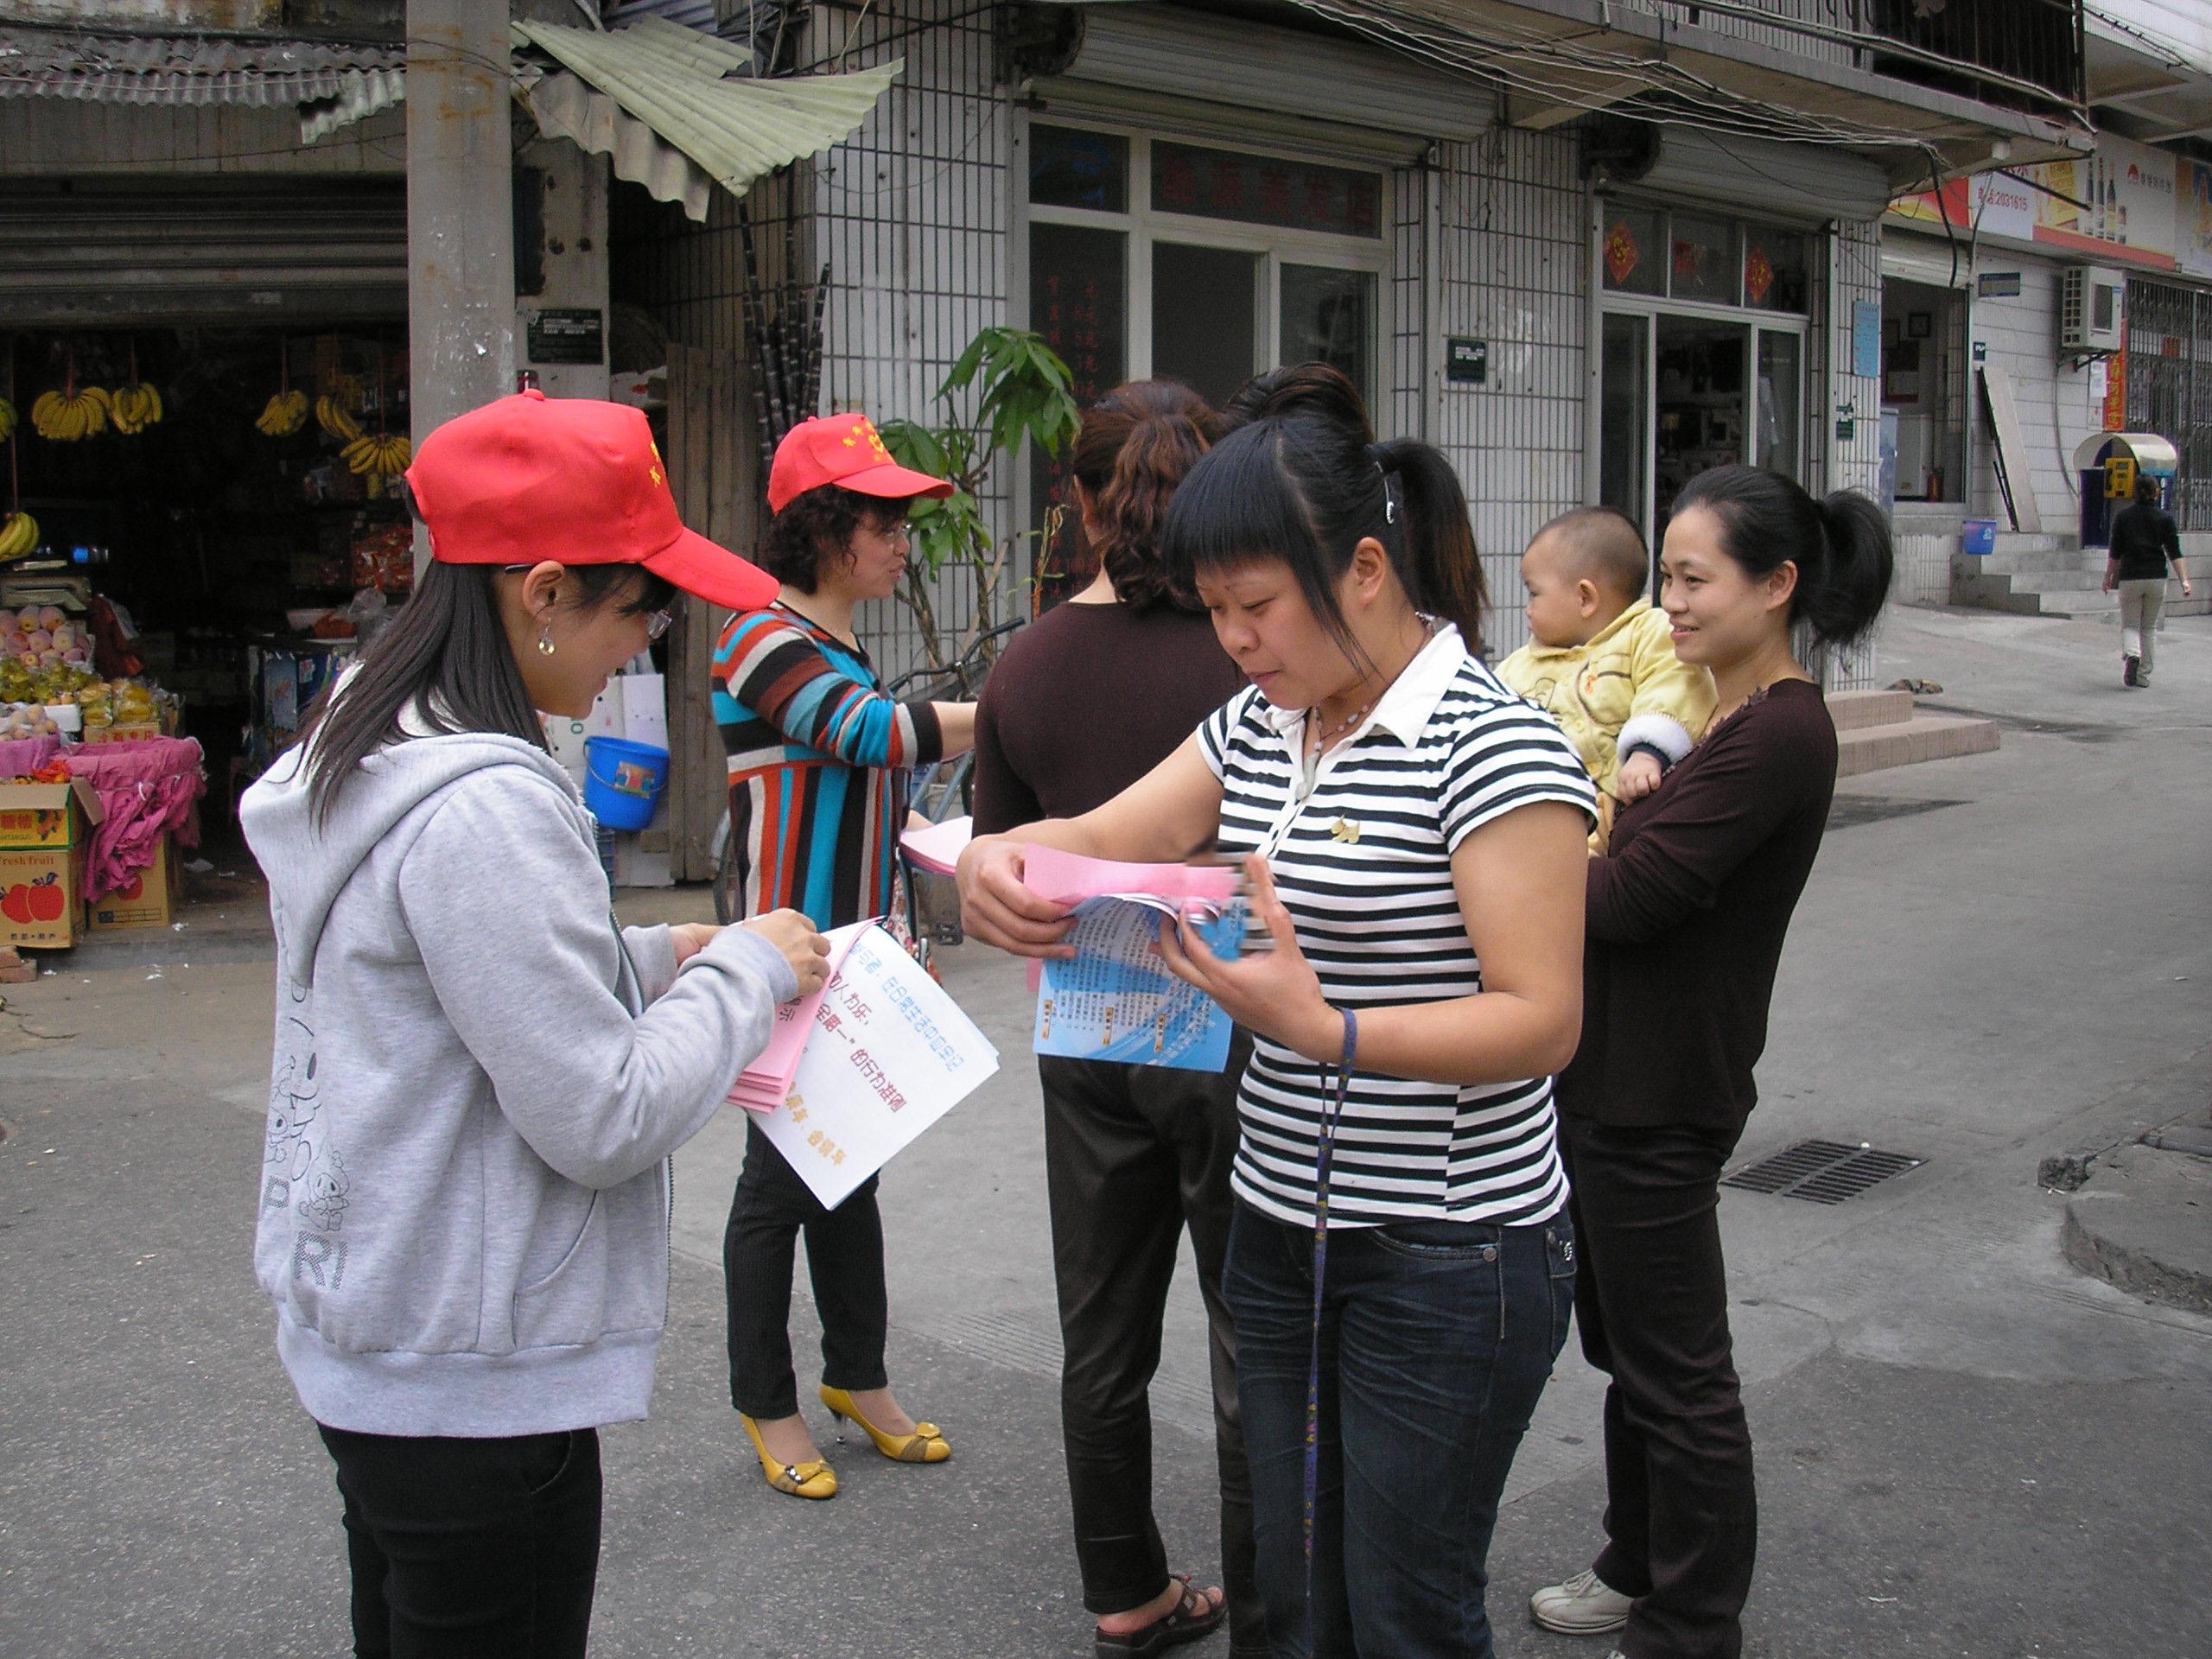 倡导文明礼仪,推动社区和谐文化的健康发展